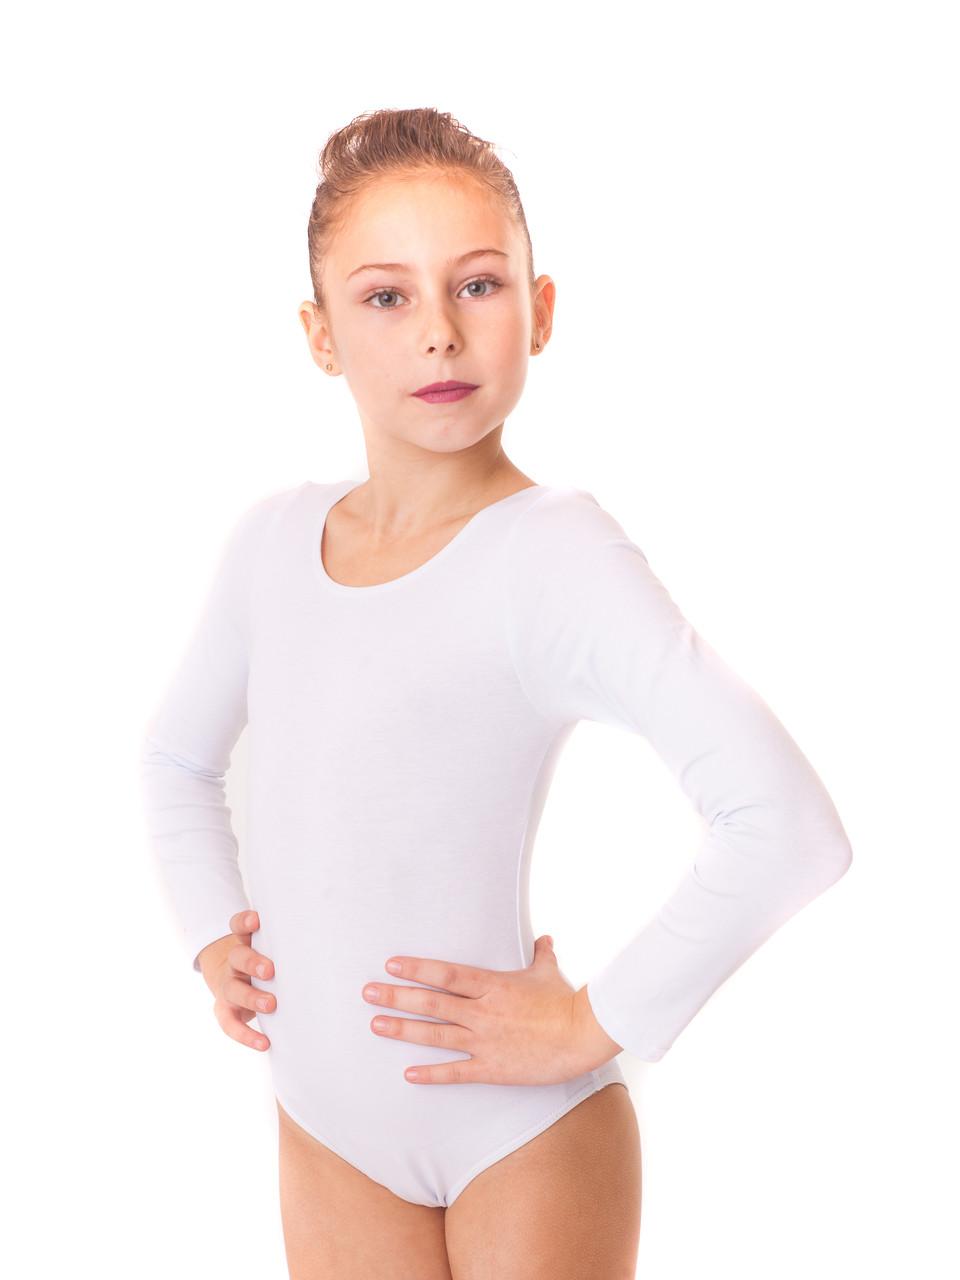 Купальник для танців дитячий БІЛИЙ бавовна р-р L, XL